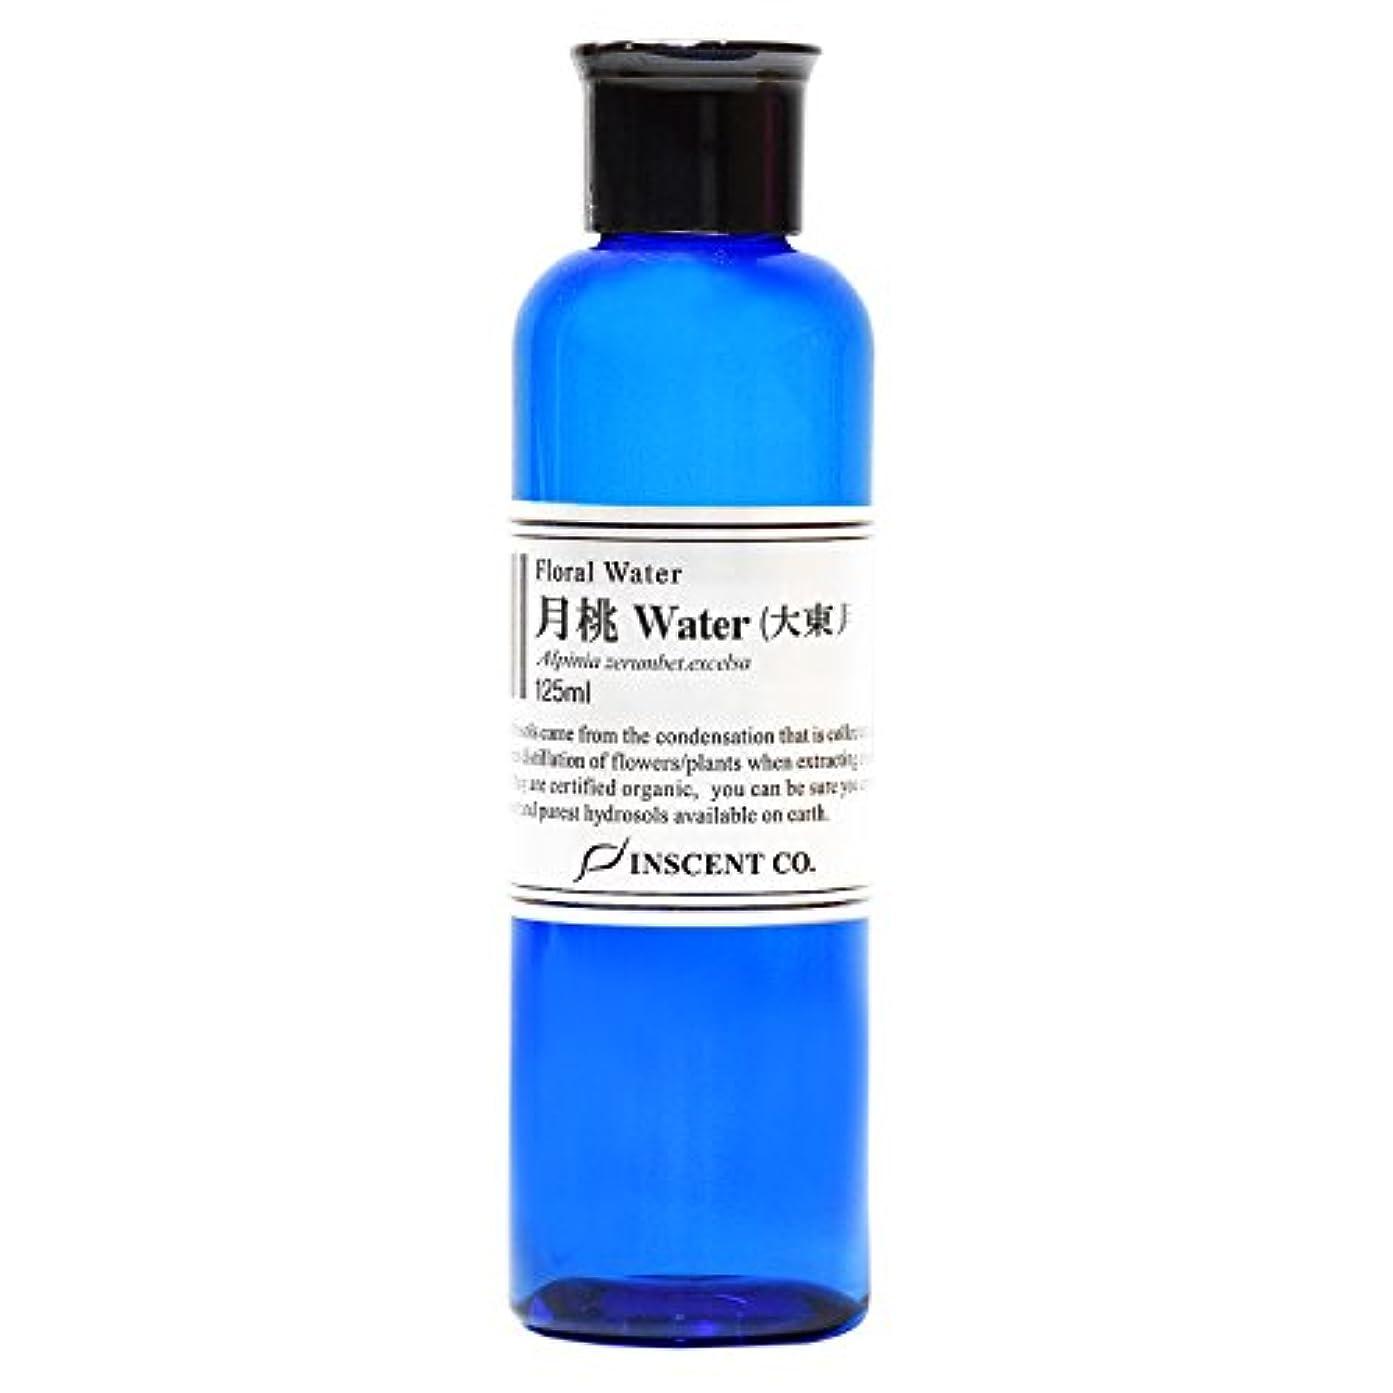 十二平衡同志フローラルウォーター 月桃 (げっとう) ウォーター (月桃水) 125ml (ハイドロゾル/芳香蒸留水) ※月桃独特の薬草が焦げたような香りがあります。